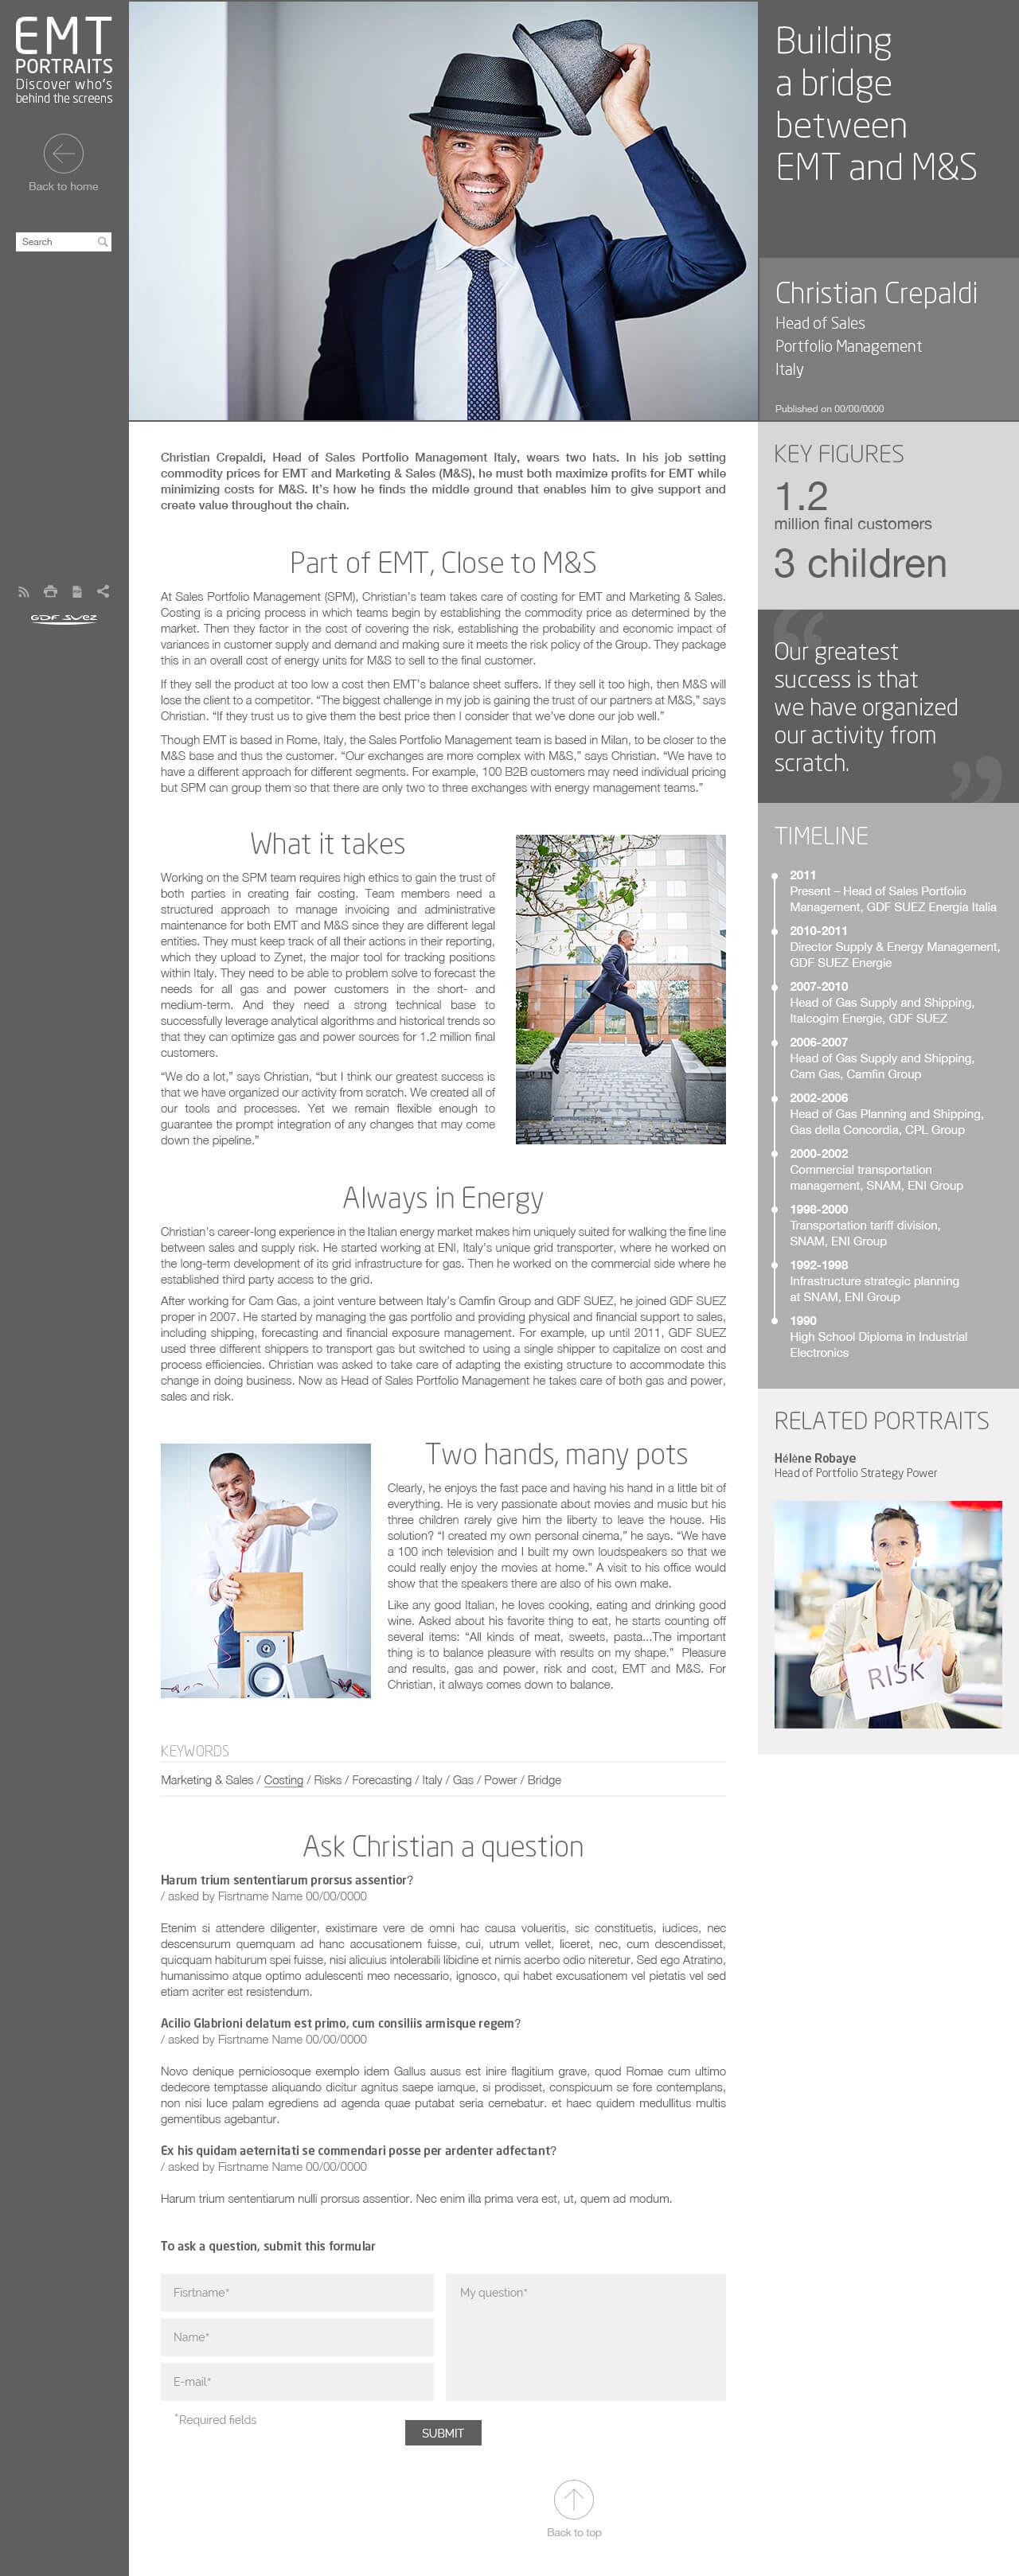 GEM-site_portrait-image4